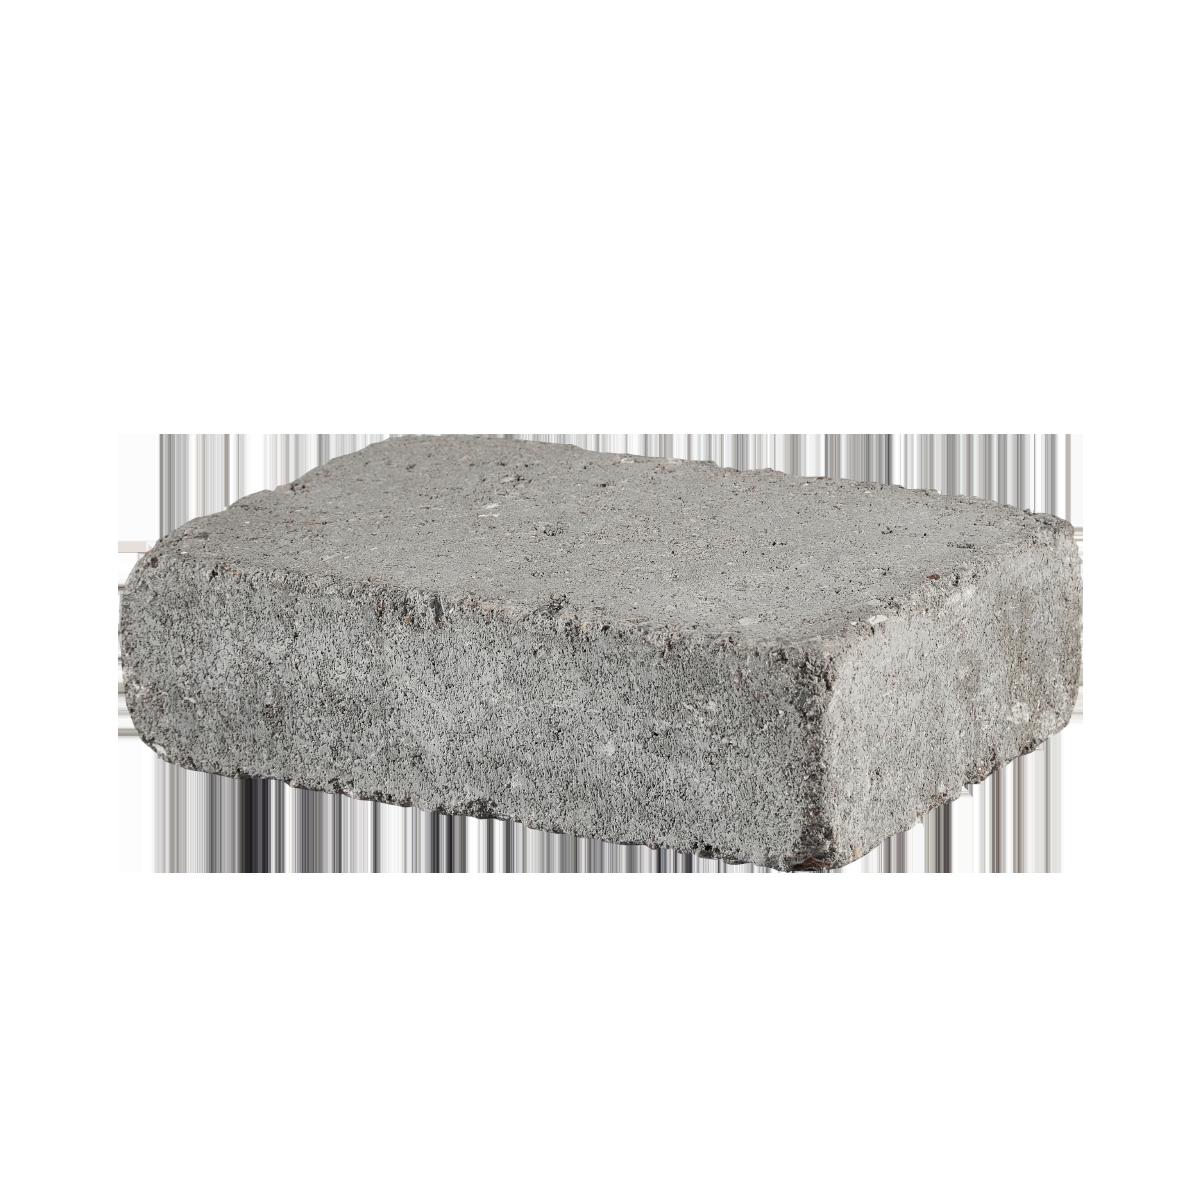 Holmegaardsten® 14x21x5 cm Grå Normalsten